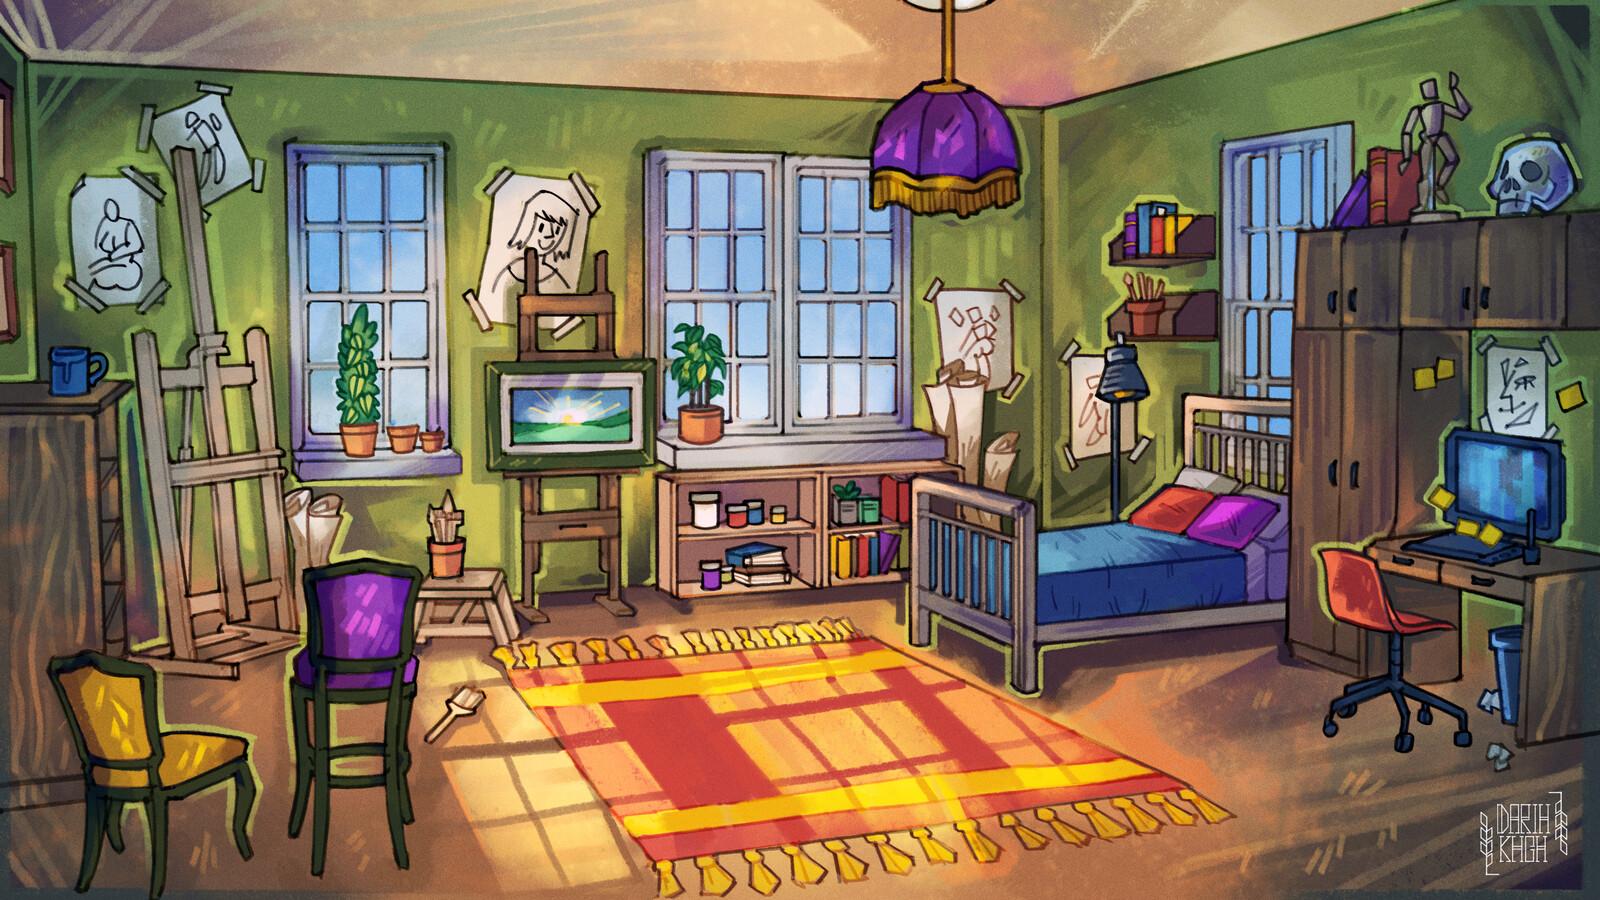 Artist S Room Daria Khodarovich Artstation